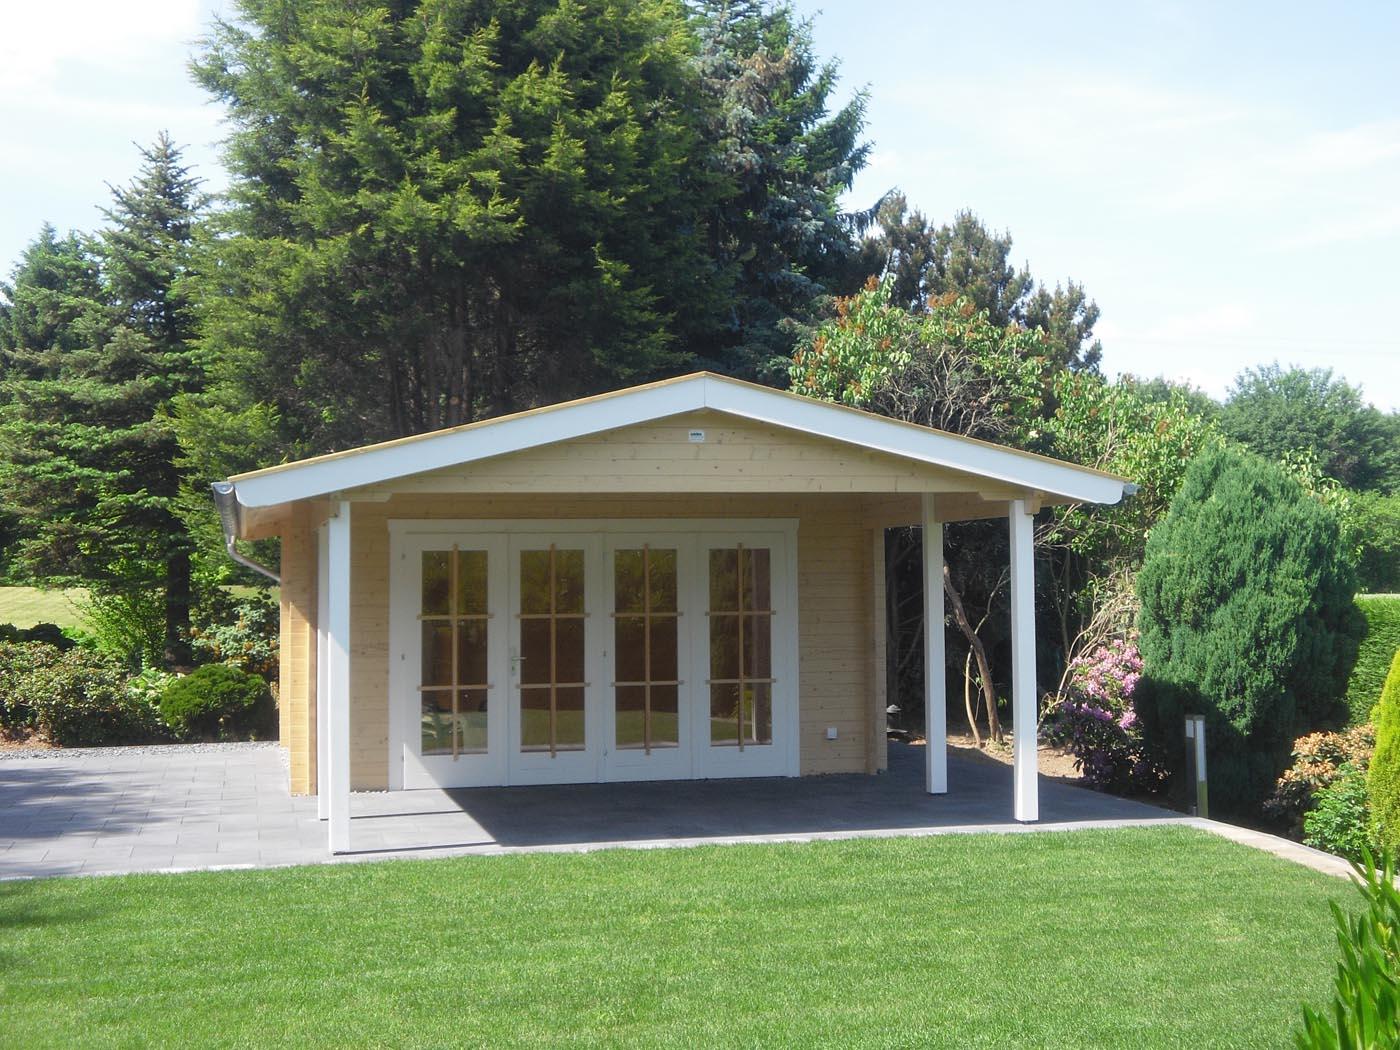 Individuelle Gartenhäuser nach Ihren Vorstellungen - Kranenberg